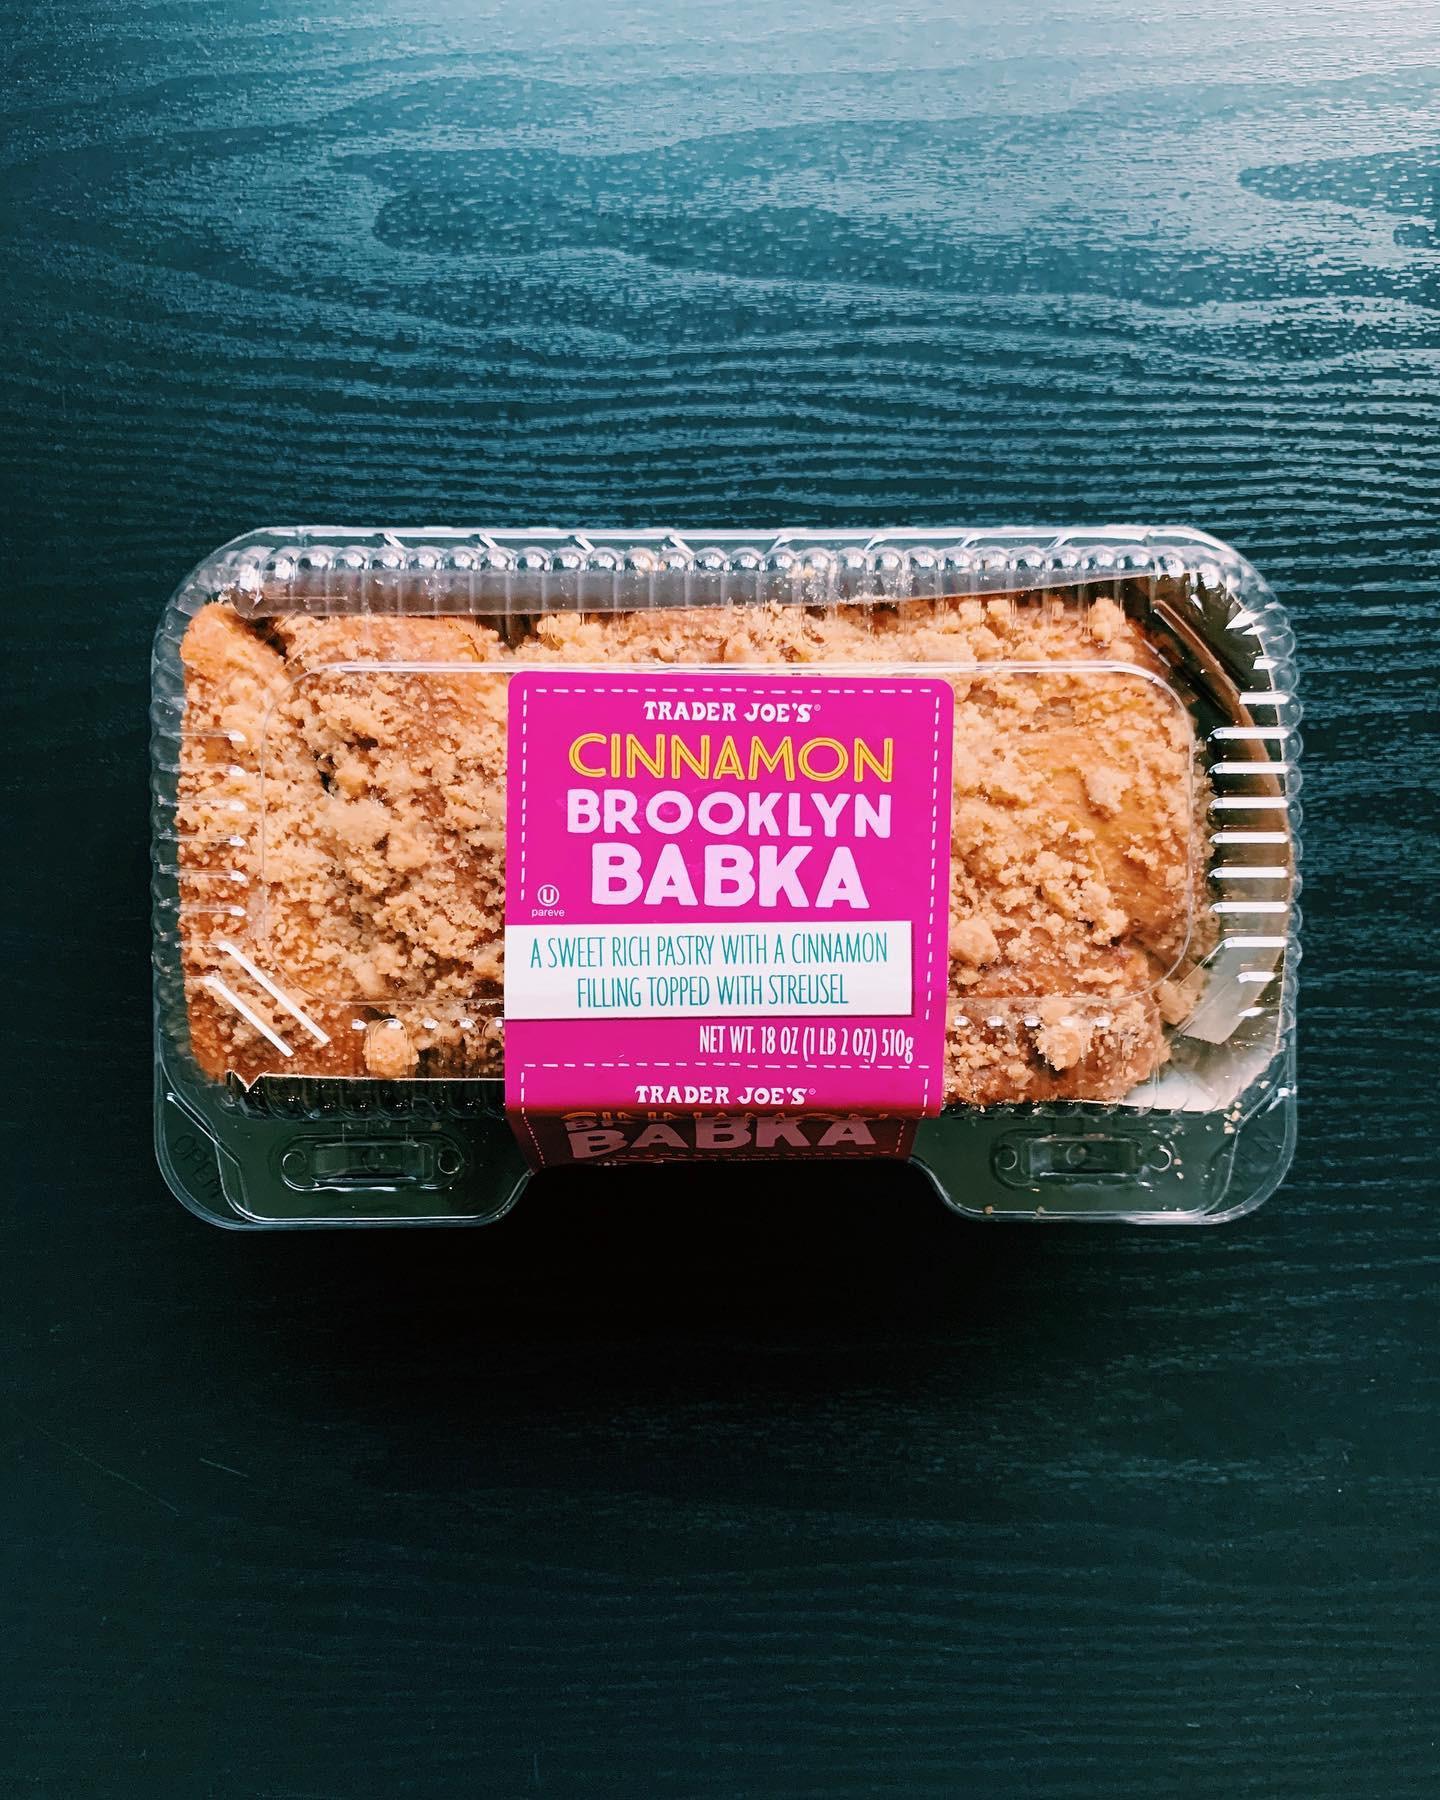 Cinnamon Babka: 9/10